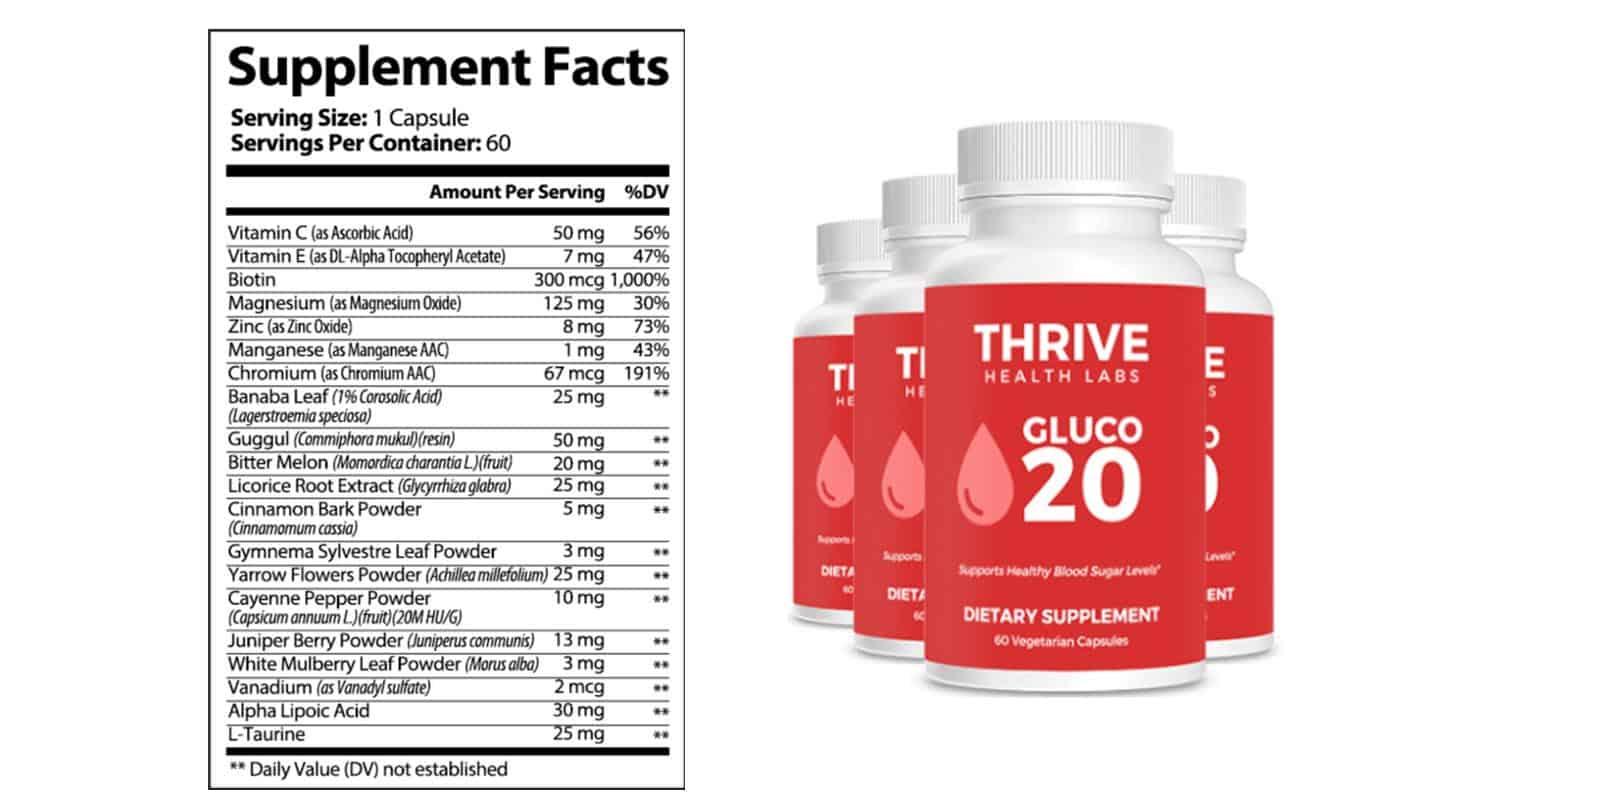 Gluco20 Dosage